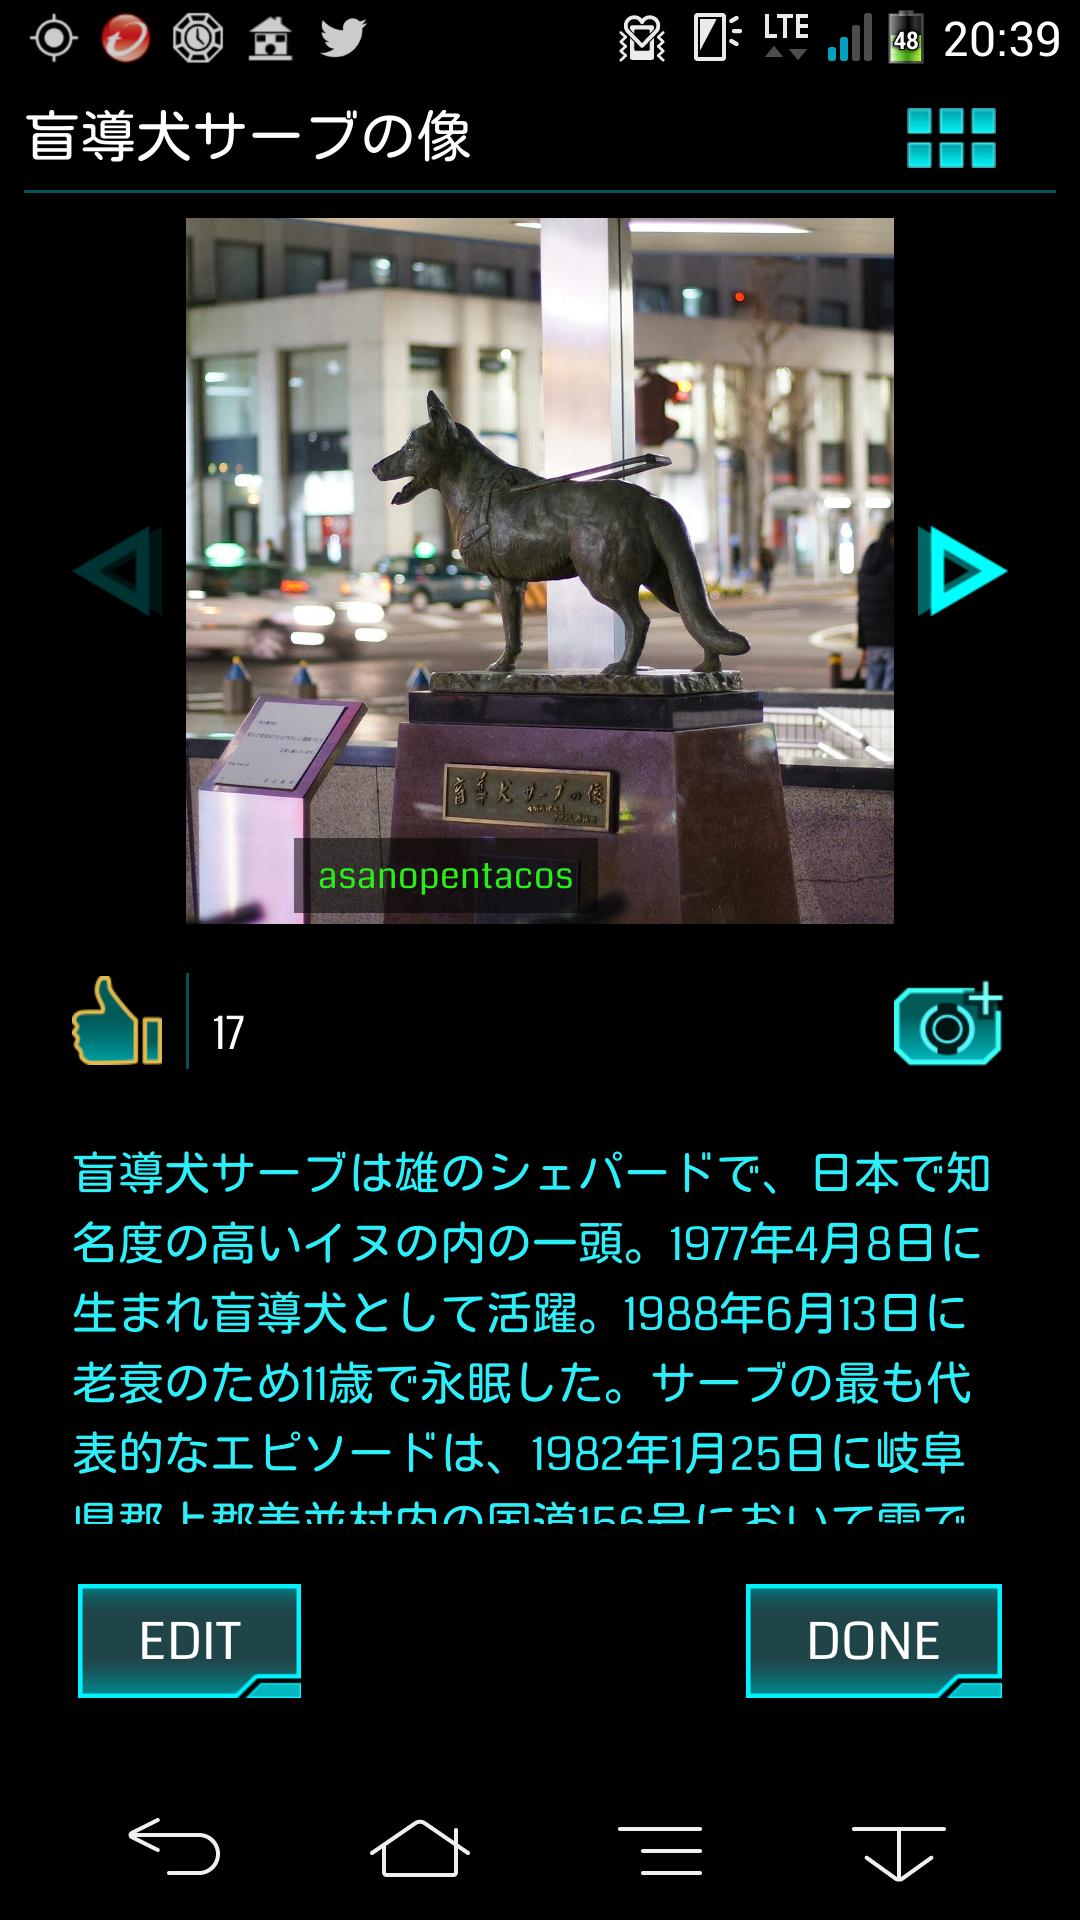 f:id:Mad-Tanuki:20170515214304p:image:w640